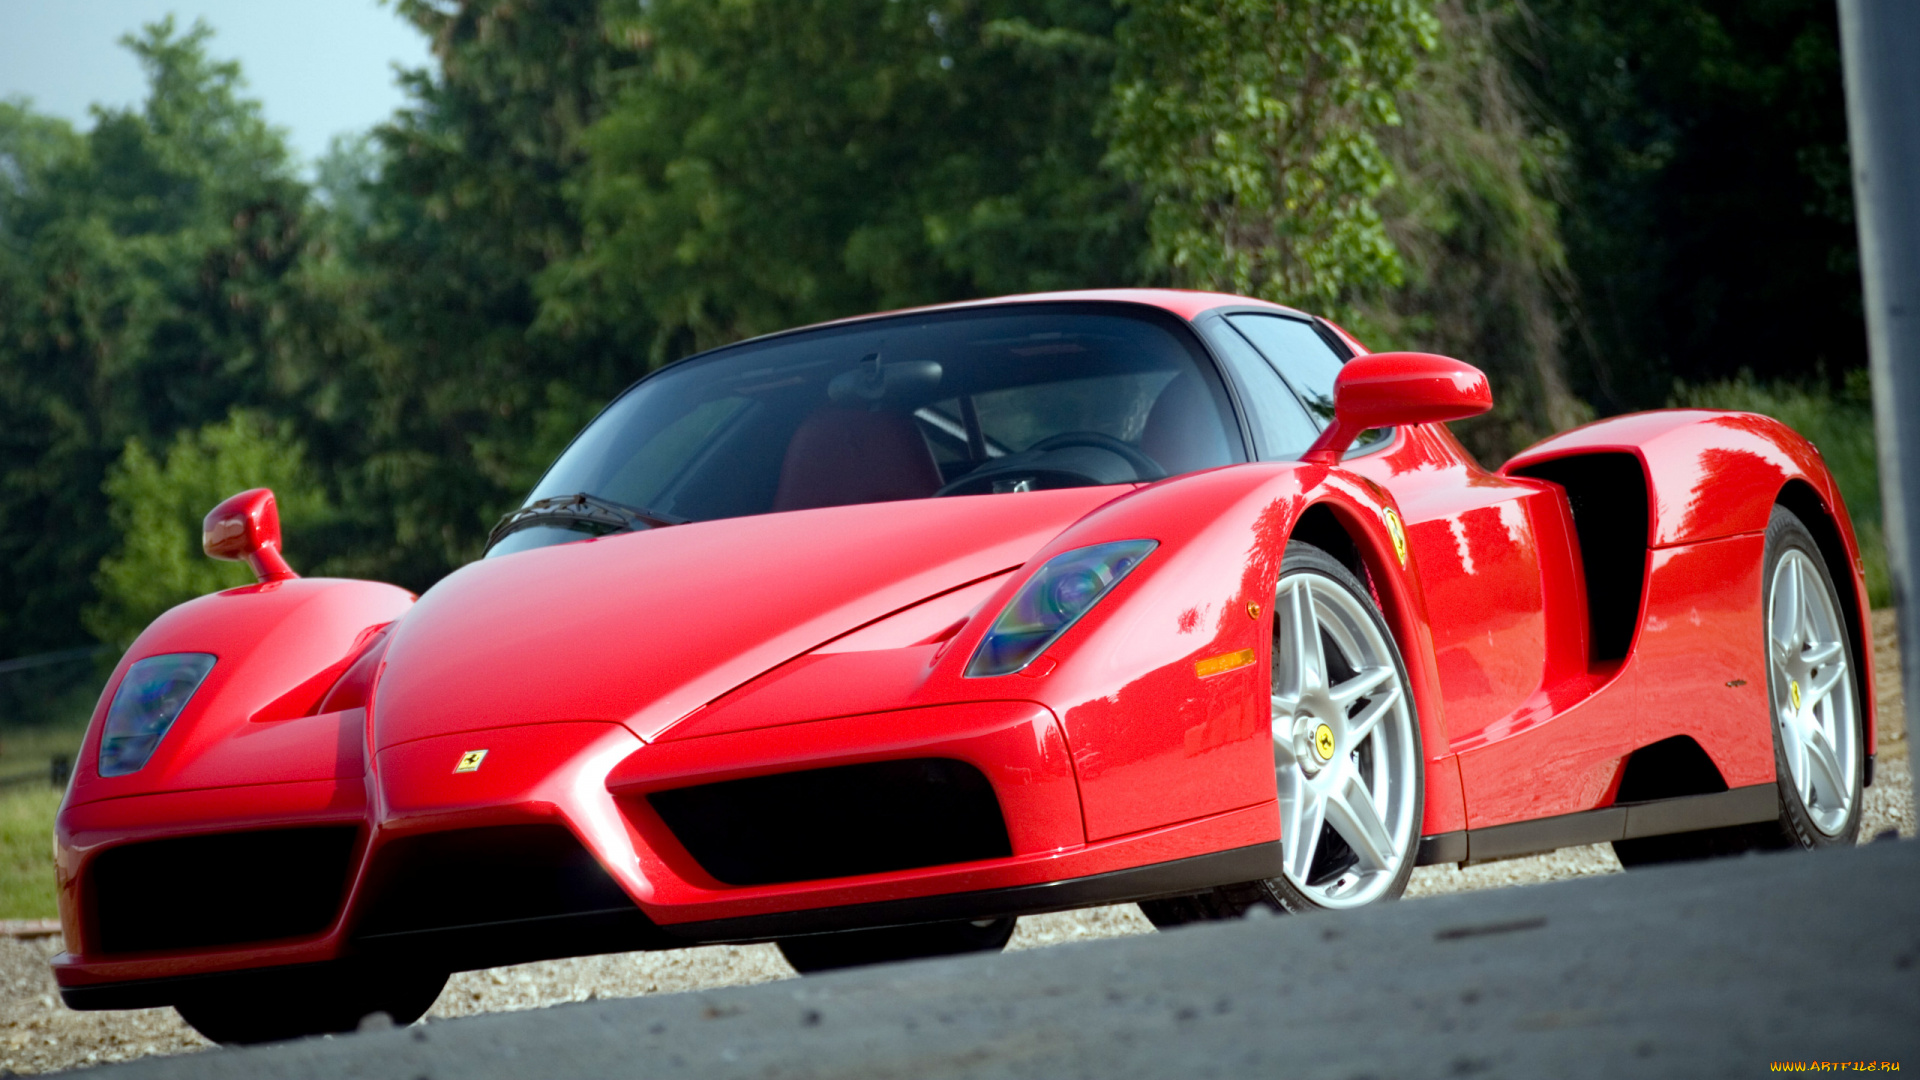 Черный спортивный автомобиль Ferrari Enzo  № 2892499 загрузить